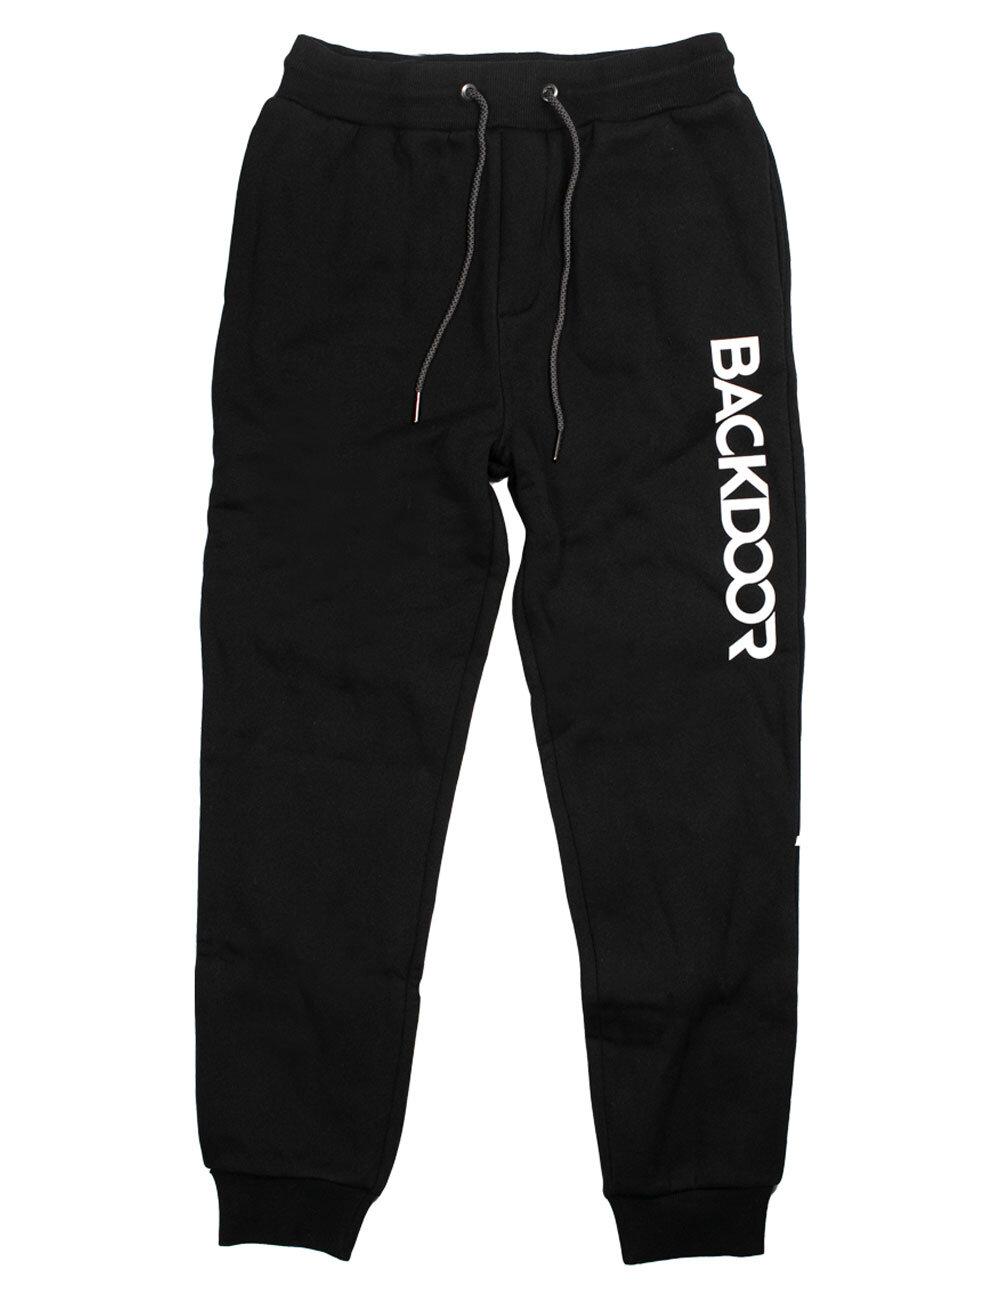 CUFFED TRACK PANT - Men s Shorts   Pants  6f8abd0e51b4